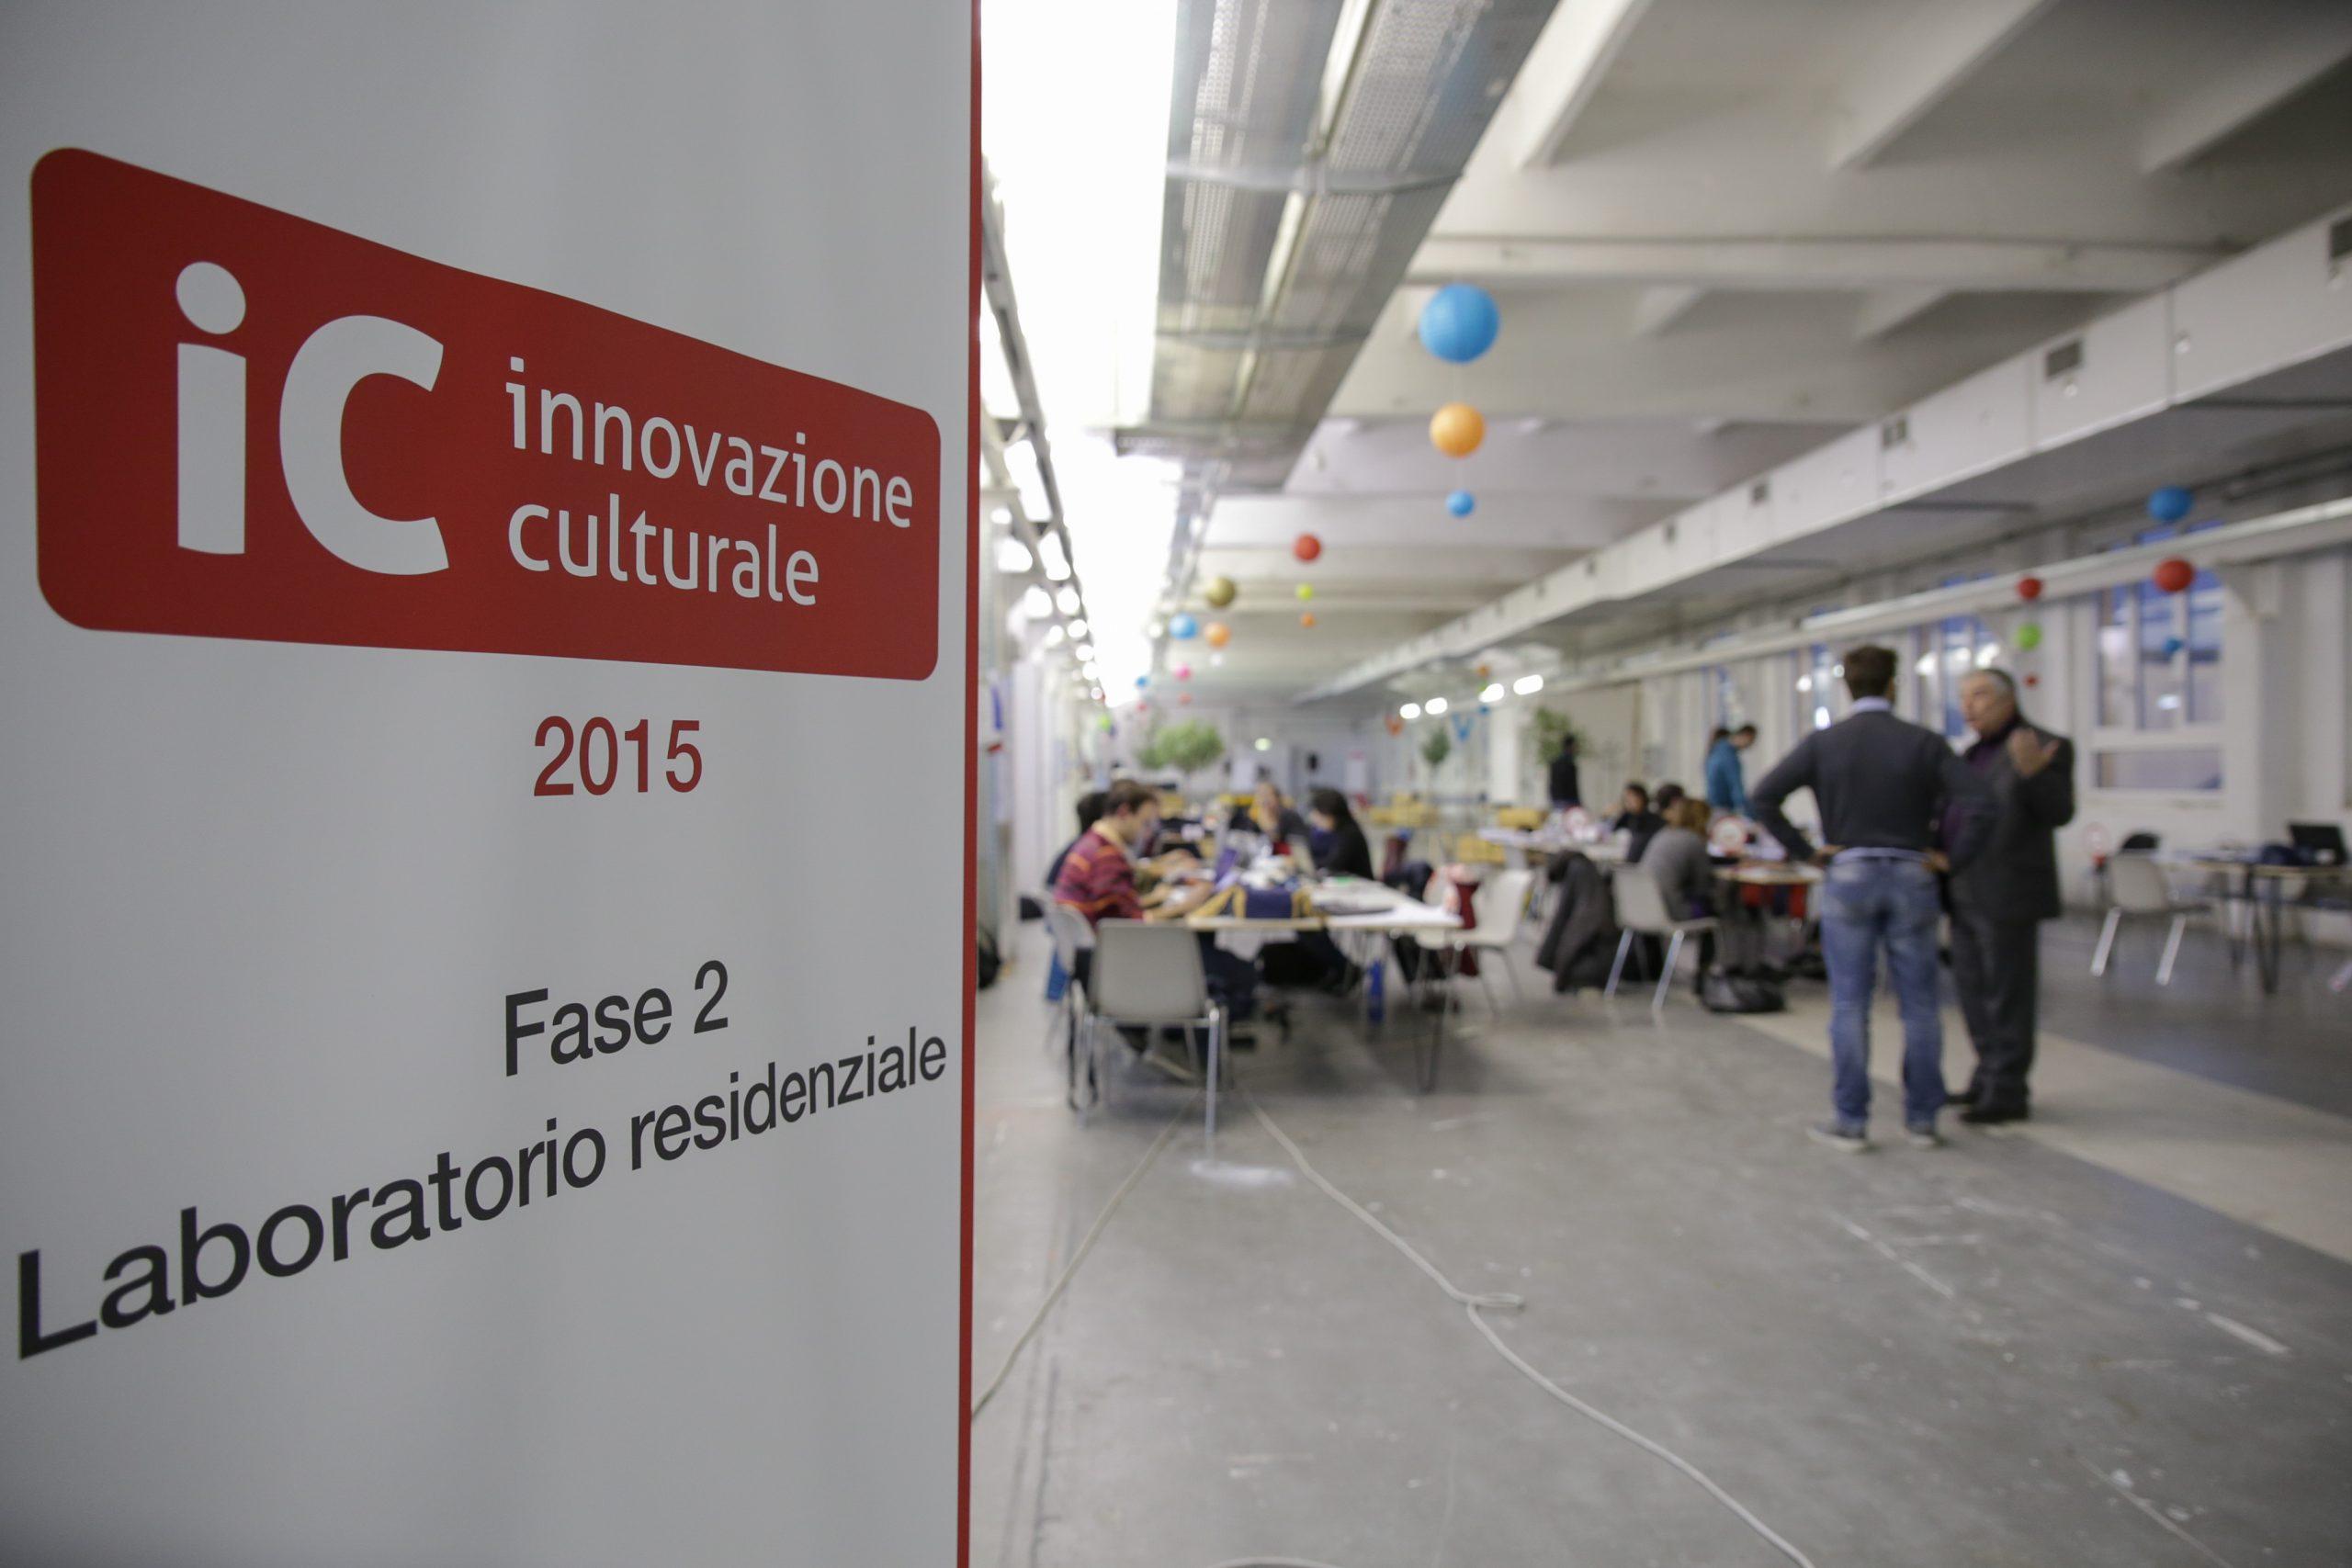 Innovazione Culturale